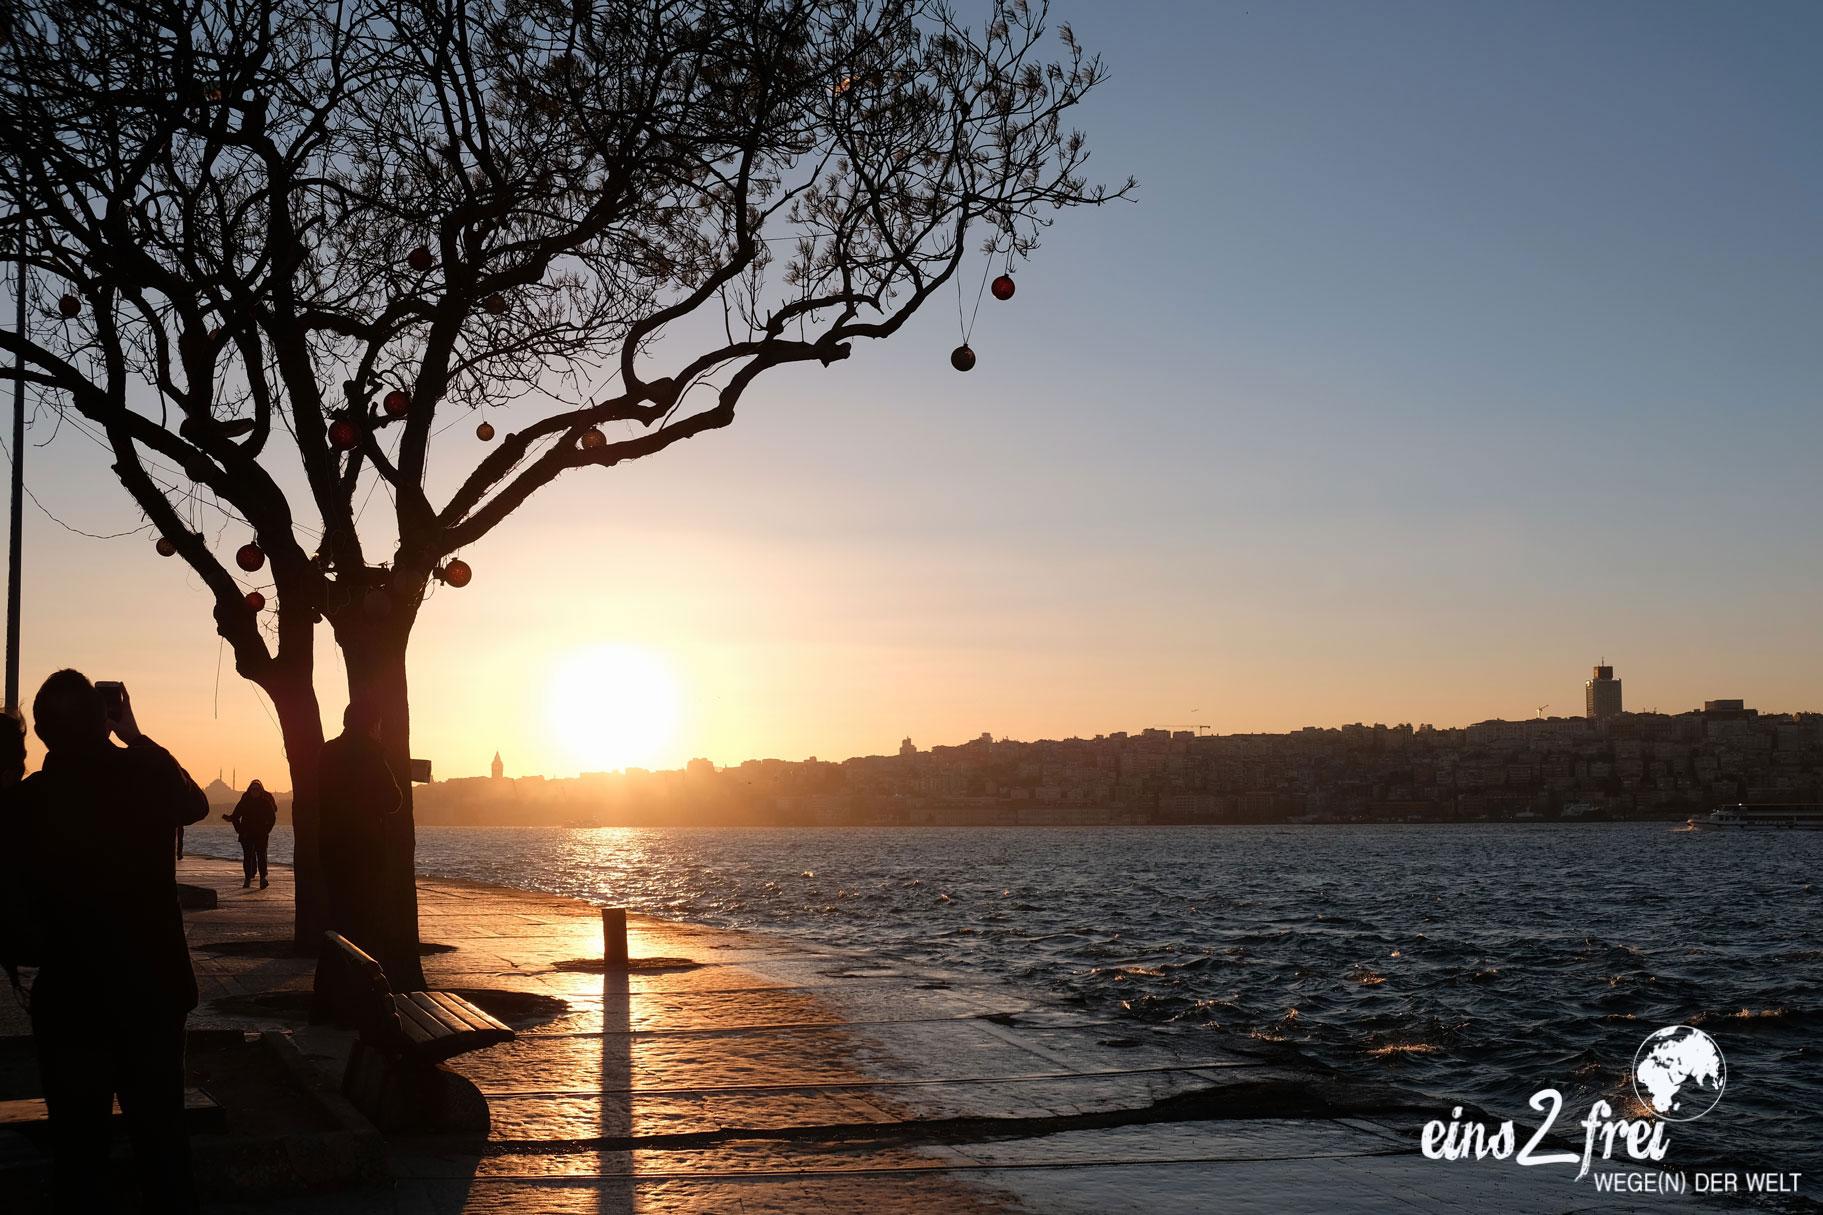 """Unser liebstes Bild in der Kategorie """"Stimmung"""": Sonnenuntergang am Bosporus. Istanbul, Türkei. März 2017."""